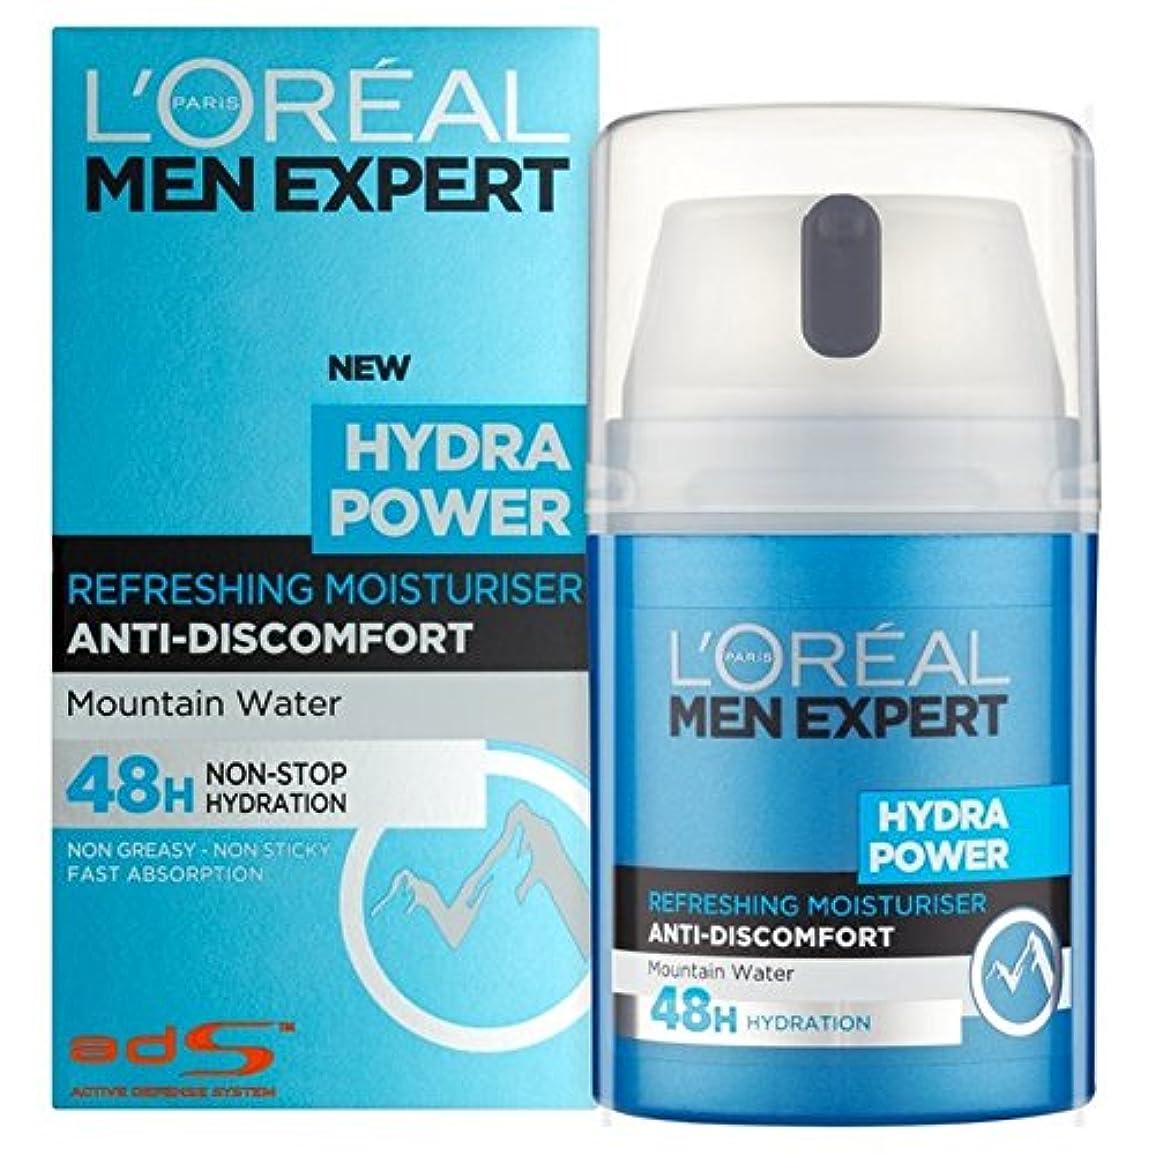 不正直パテ添加L'Oreal Paris Men Expert Hydra Power Refreshing Moisturiser 50ml - ロレアルパリのメンズ専門ヒドラ電源爽やか保湿50ミリリットル [並行輸入品]